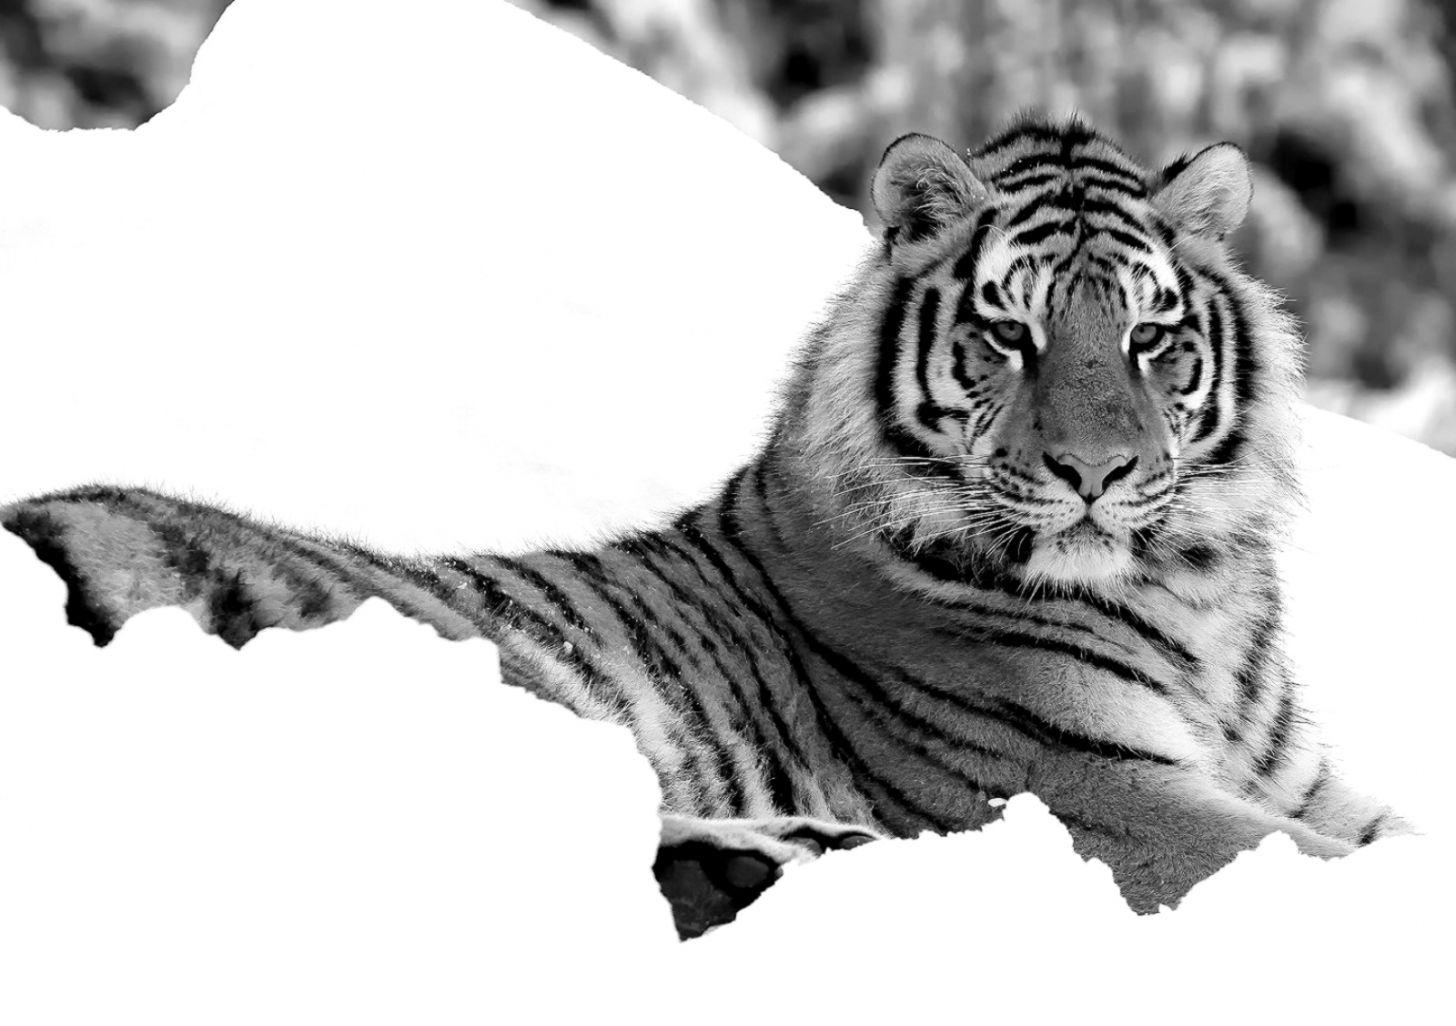 Cats Oriental Cats Cat Tiger Predator Fantasy Nature - Siberian Tiger , HD Wallpaper & Backgrounds